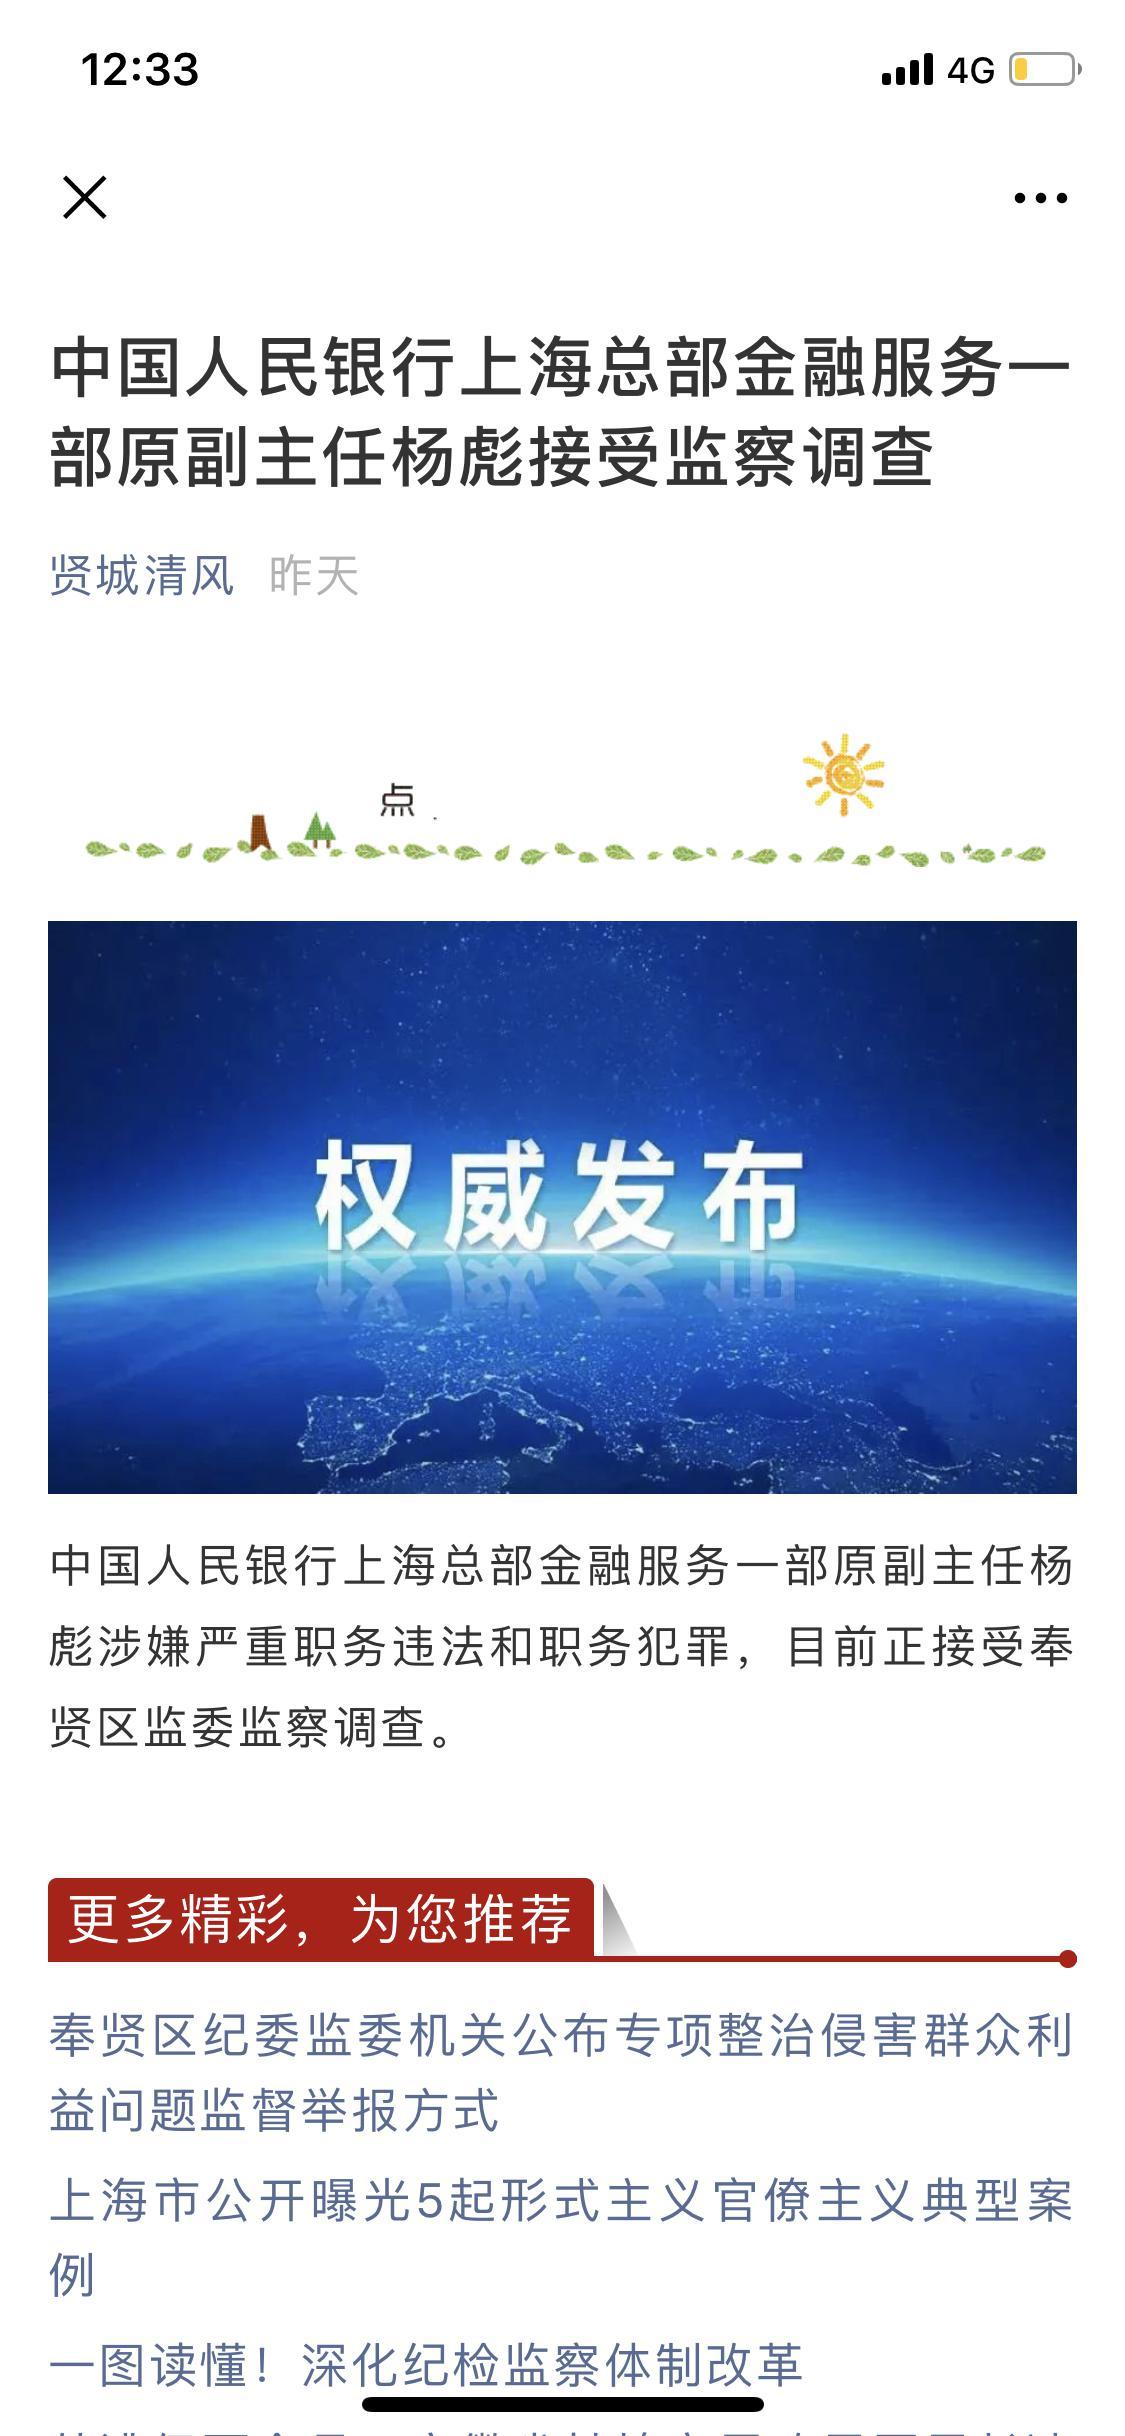 明仕ag旗舰厅官网|850家公司一季报预喜 机构挖掘超预期且估值匹配标的